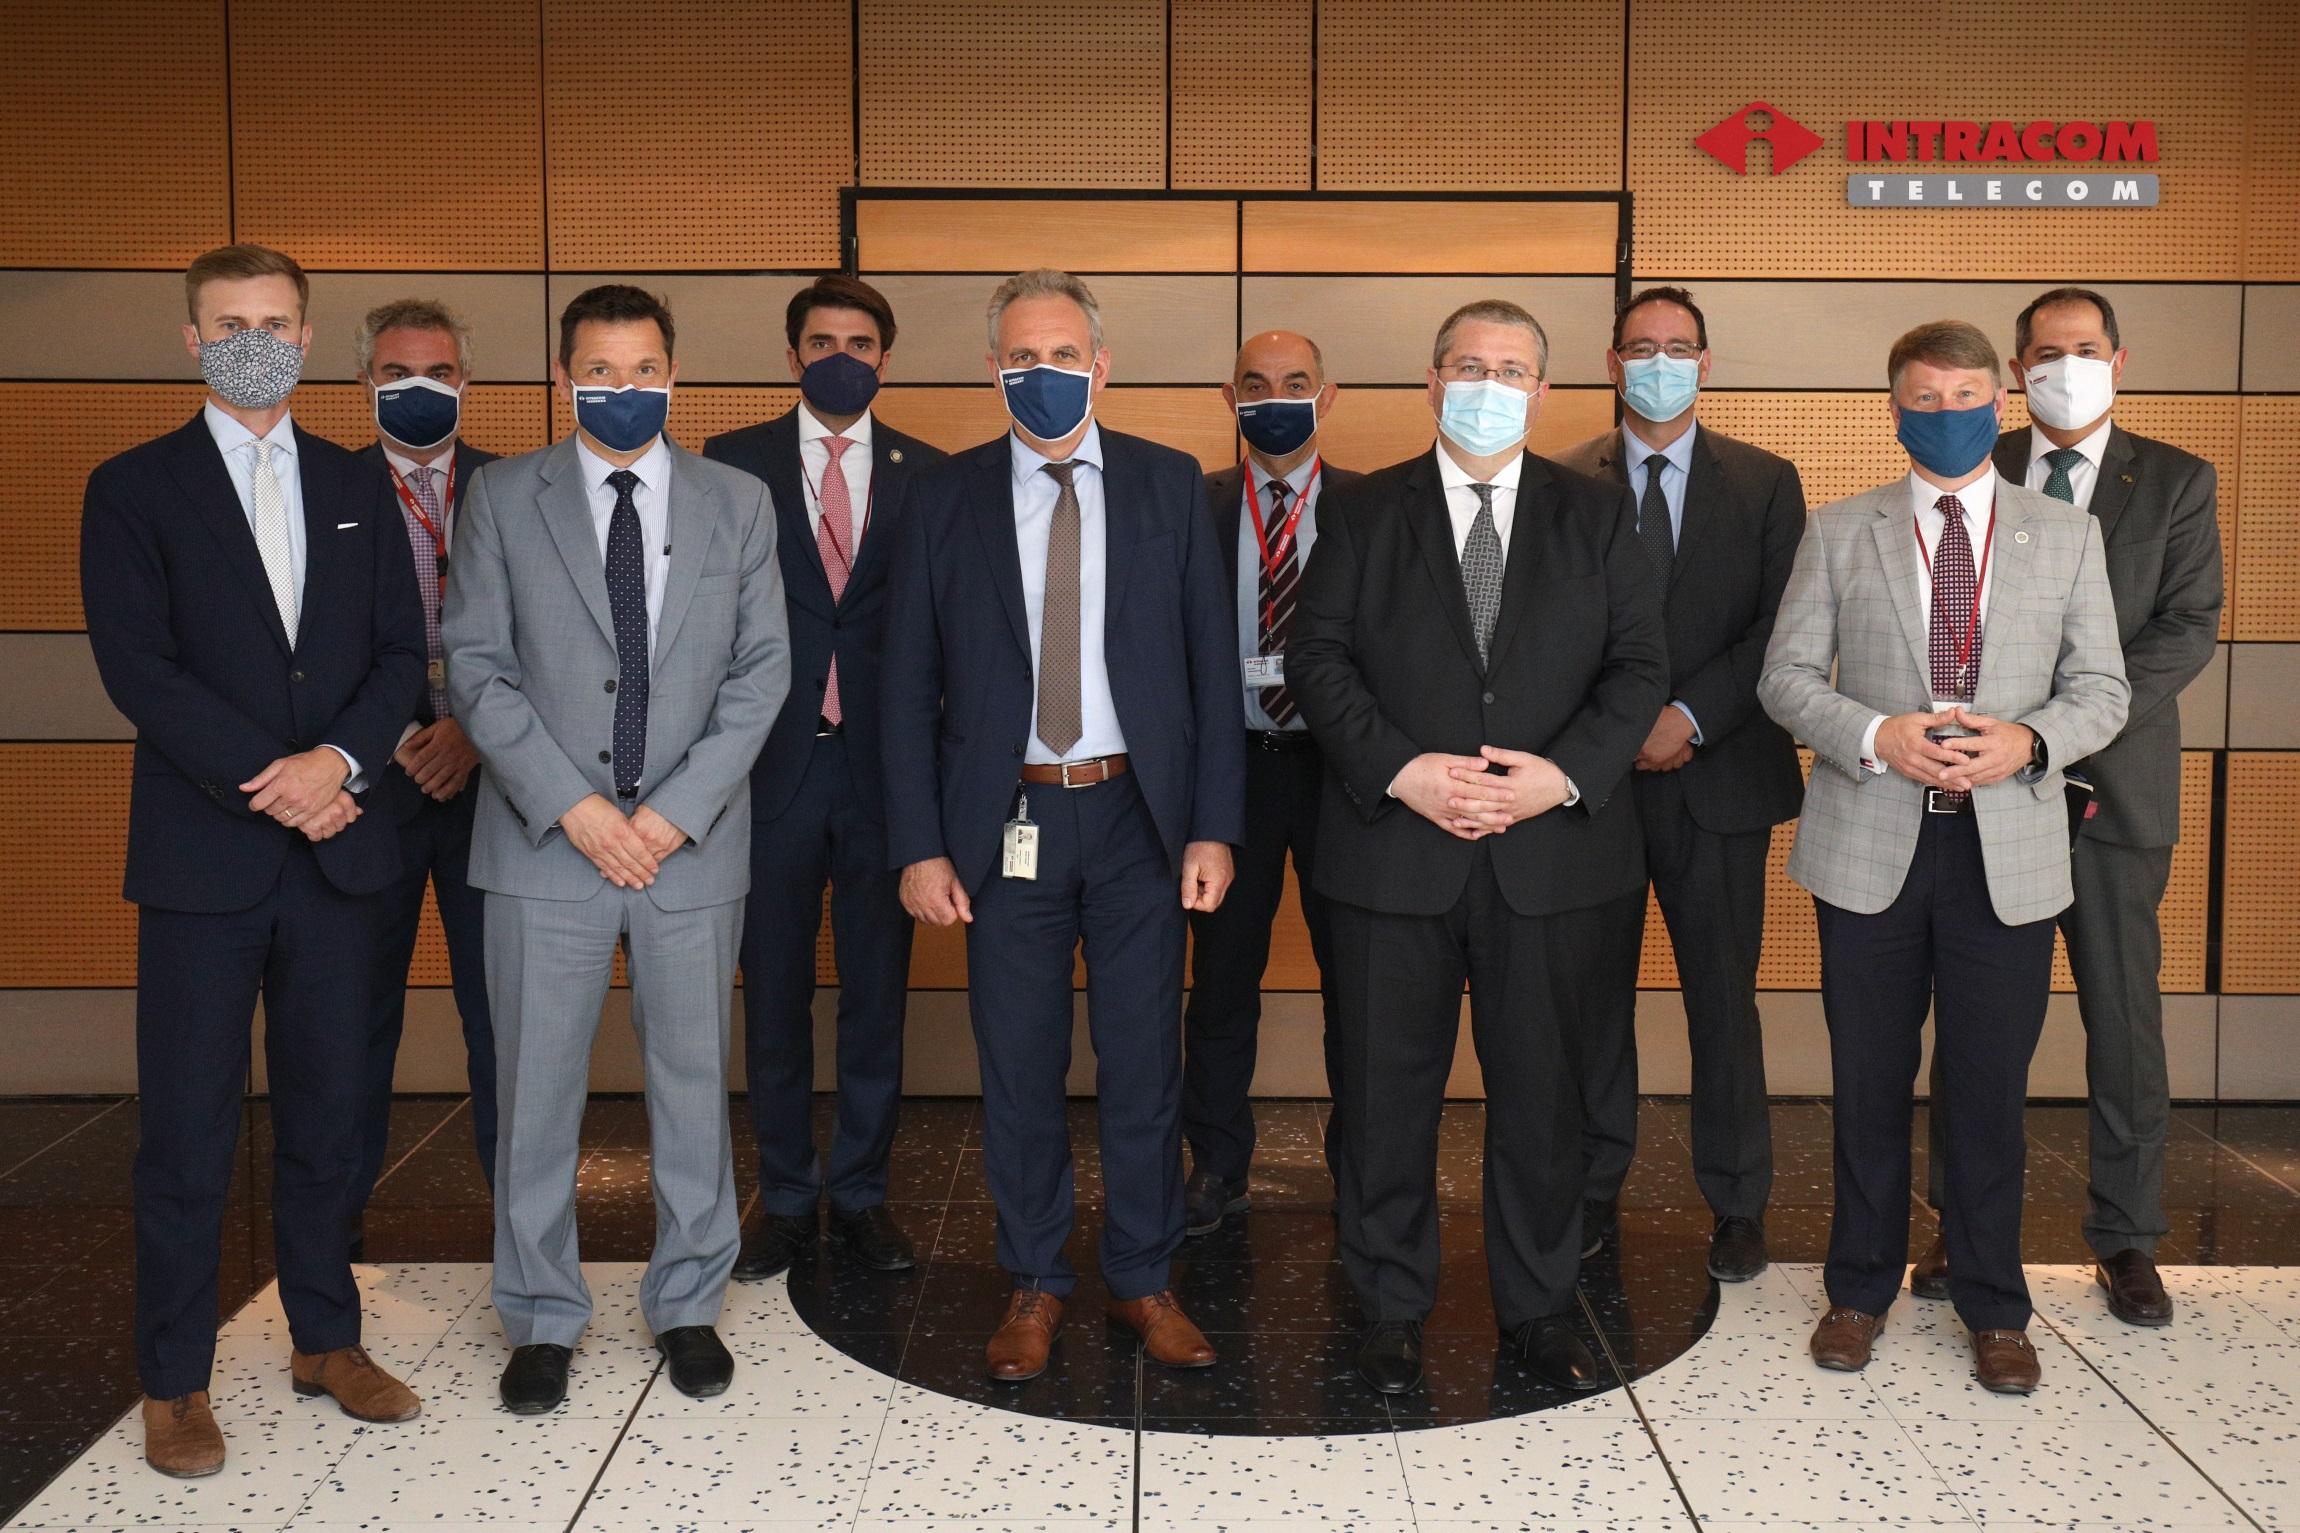 Την Intracom Telecom επισκέφθηκε ο Επίτροπος Οικονομικής Ανάπτυξης της Georgia των ΗΠΑ